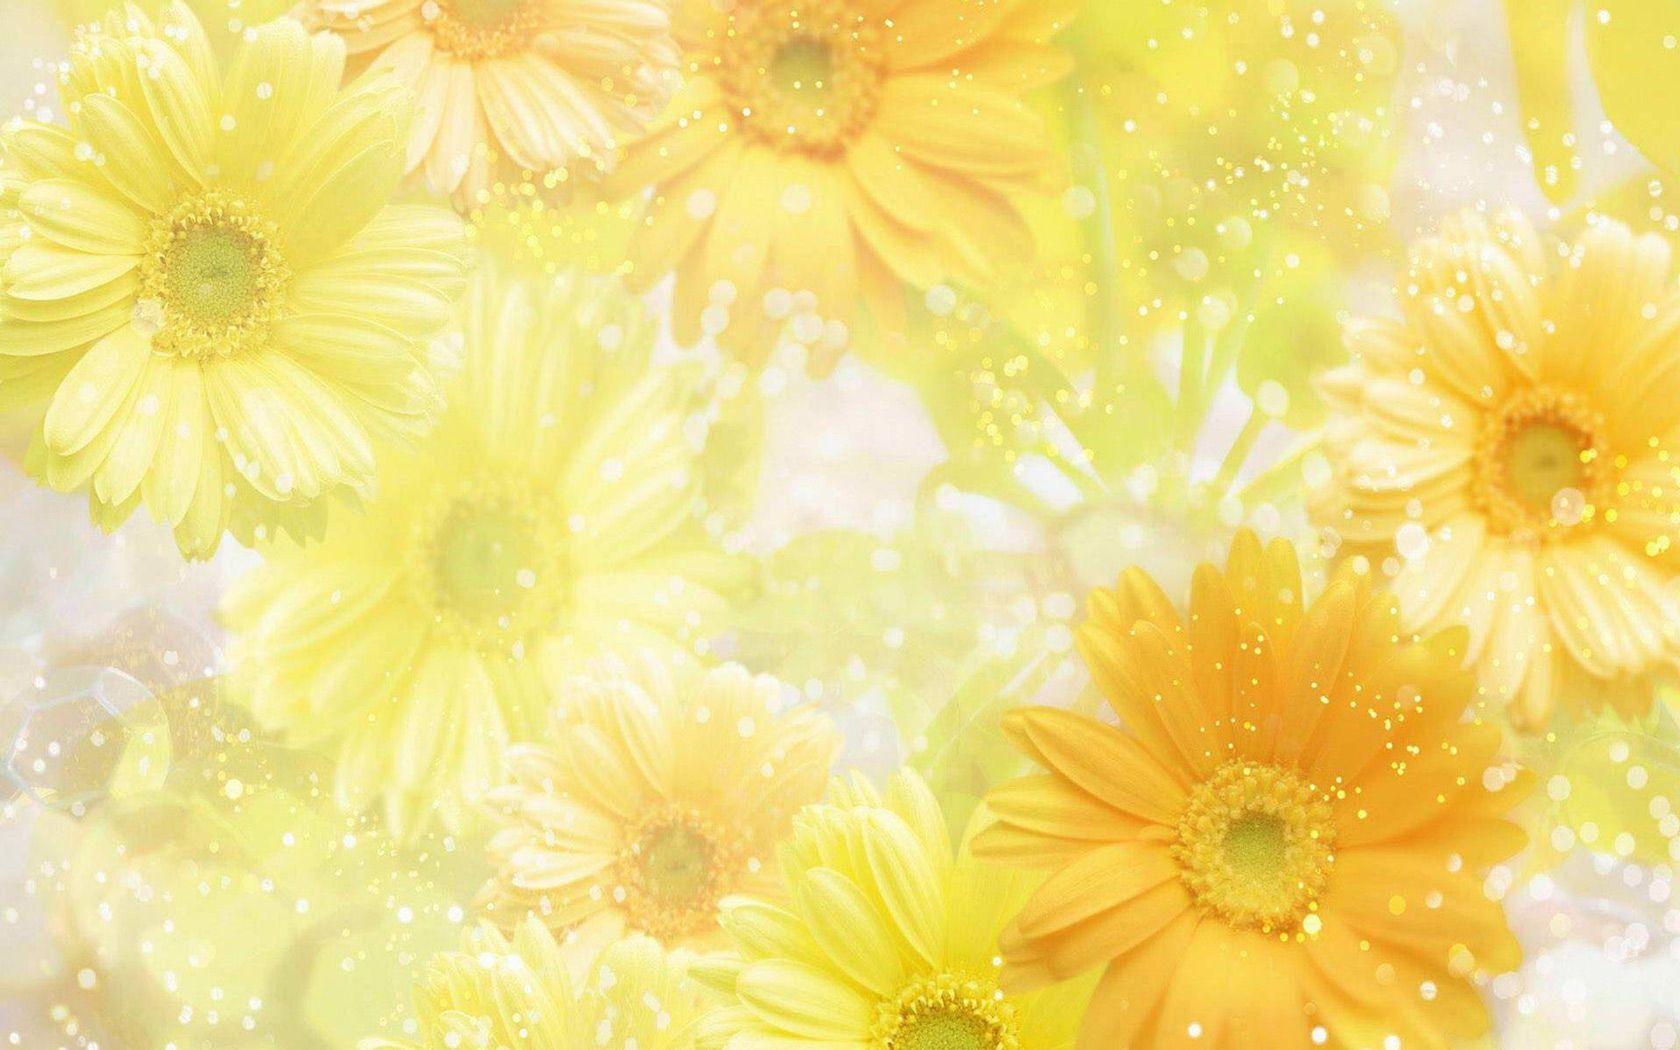 Free Spring Desktop Wallpaper | ... free desktop wallpaper of yellow spring flowers free computer desktop